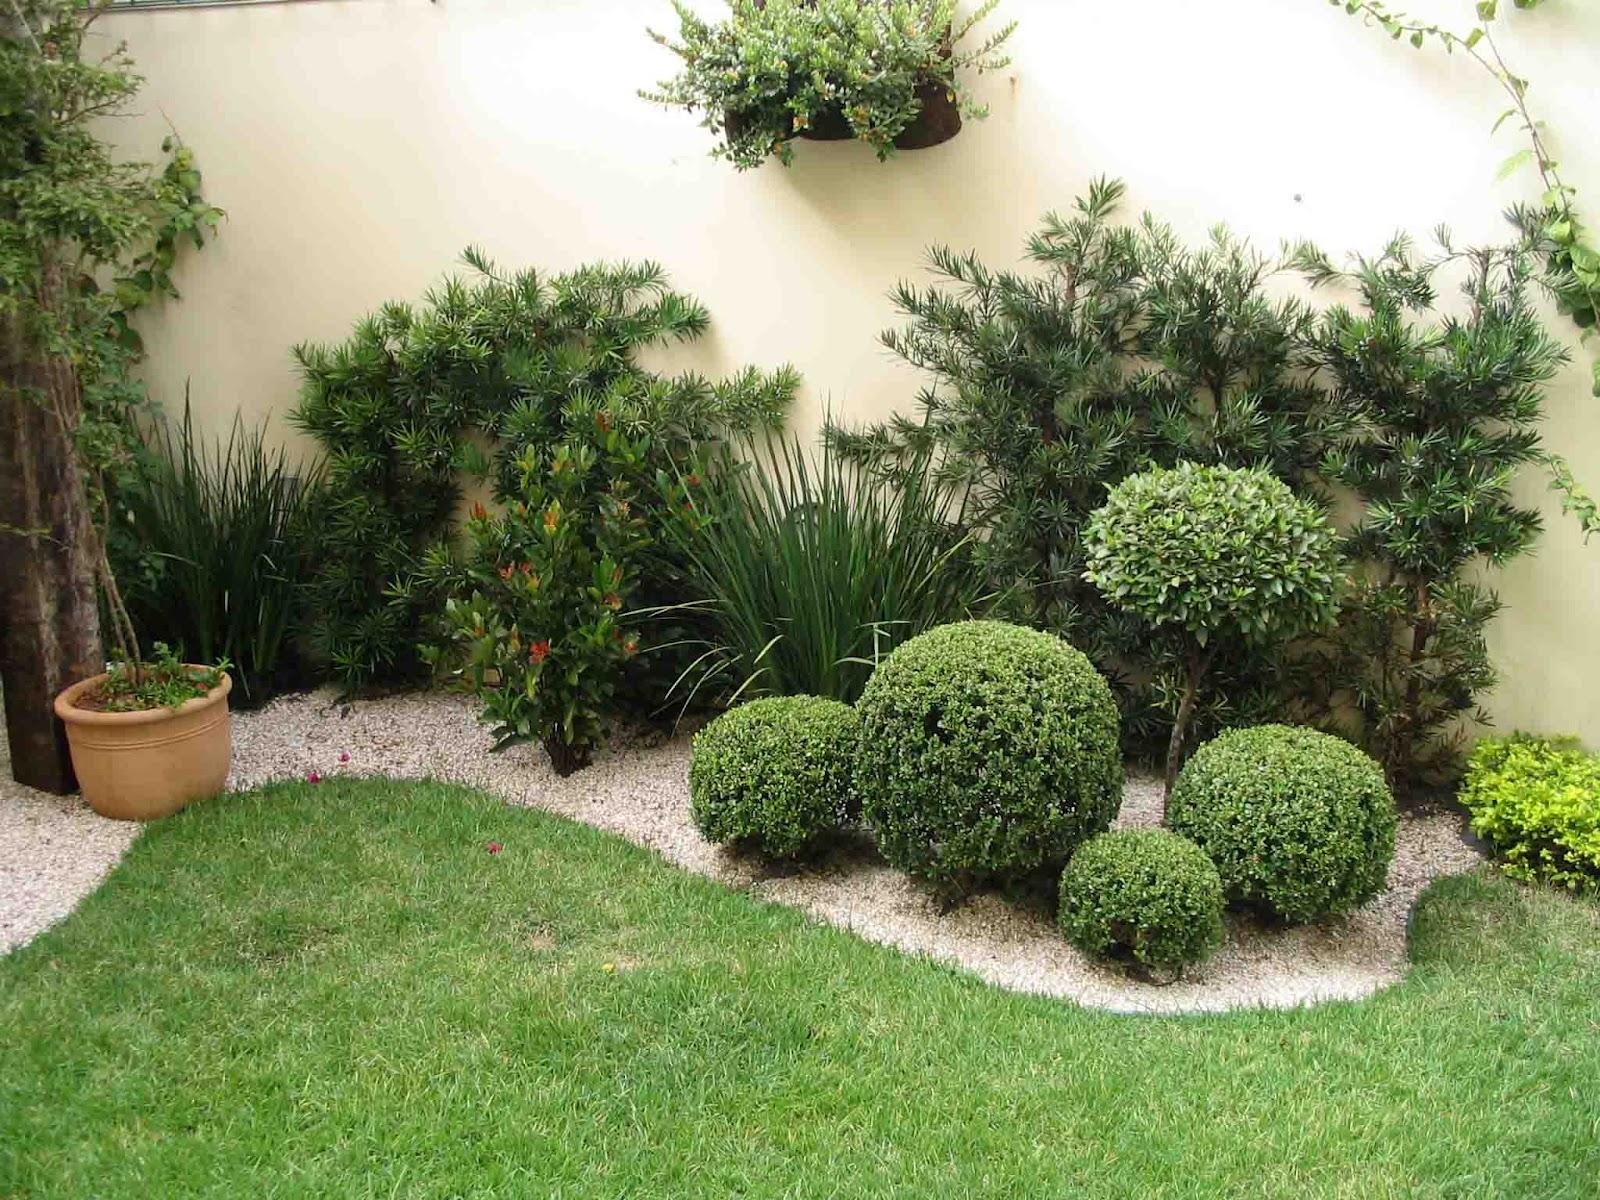 quintal jardim decoracao : quintal jardim decoracao:Tentando uma vida melhor: Decoração do quintal!